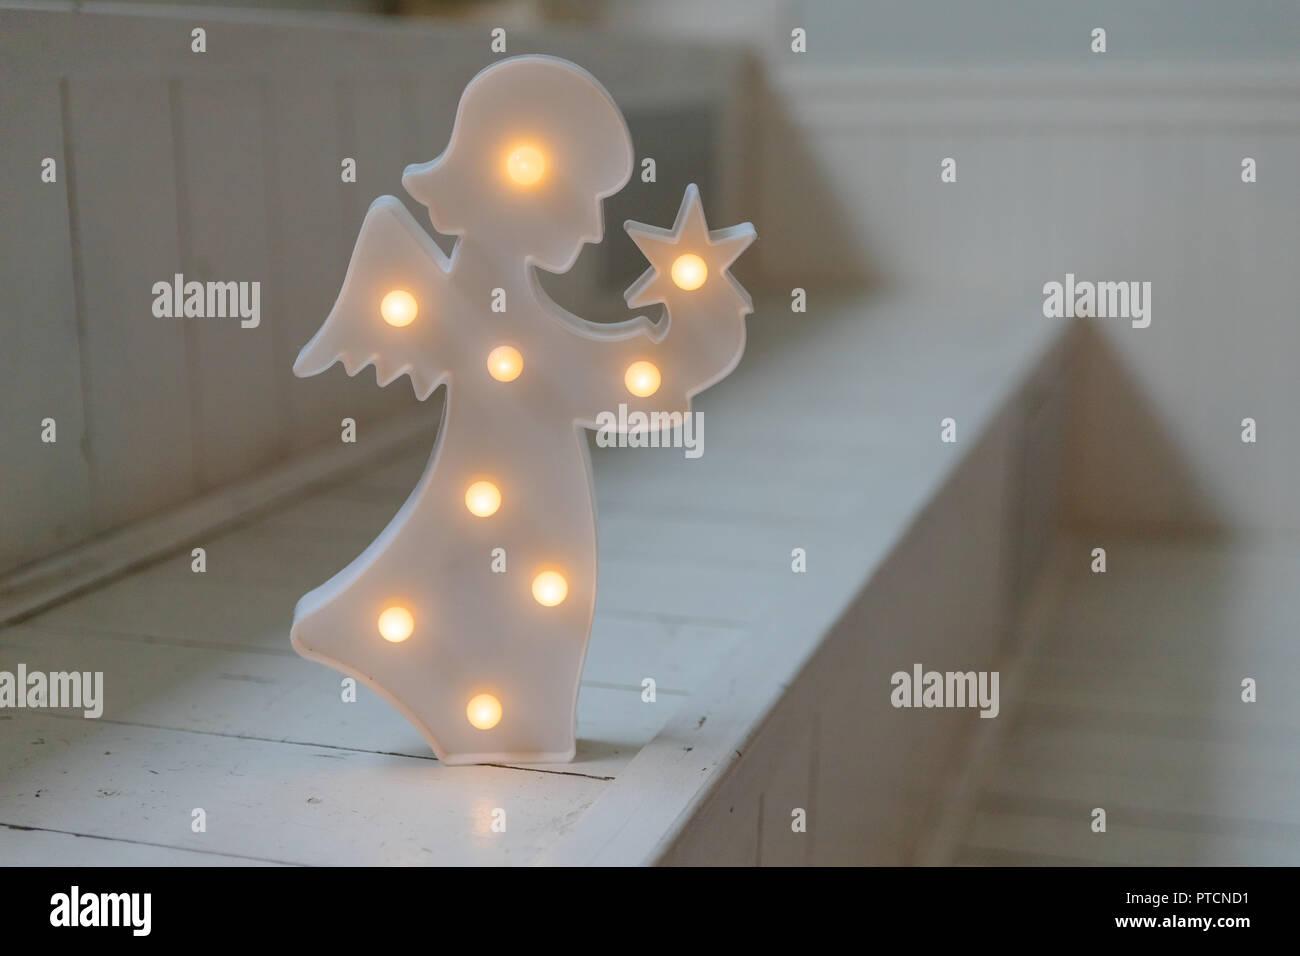 Weihnachten Engel mit Lampen auf dunklem Hintergrund weiß ...